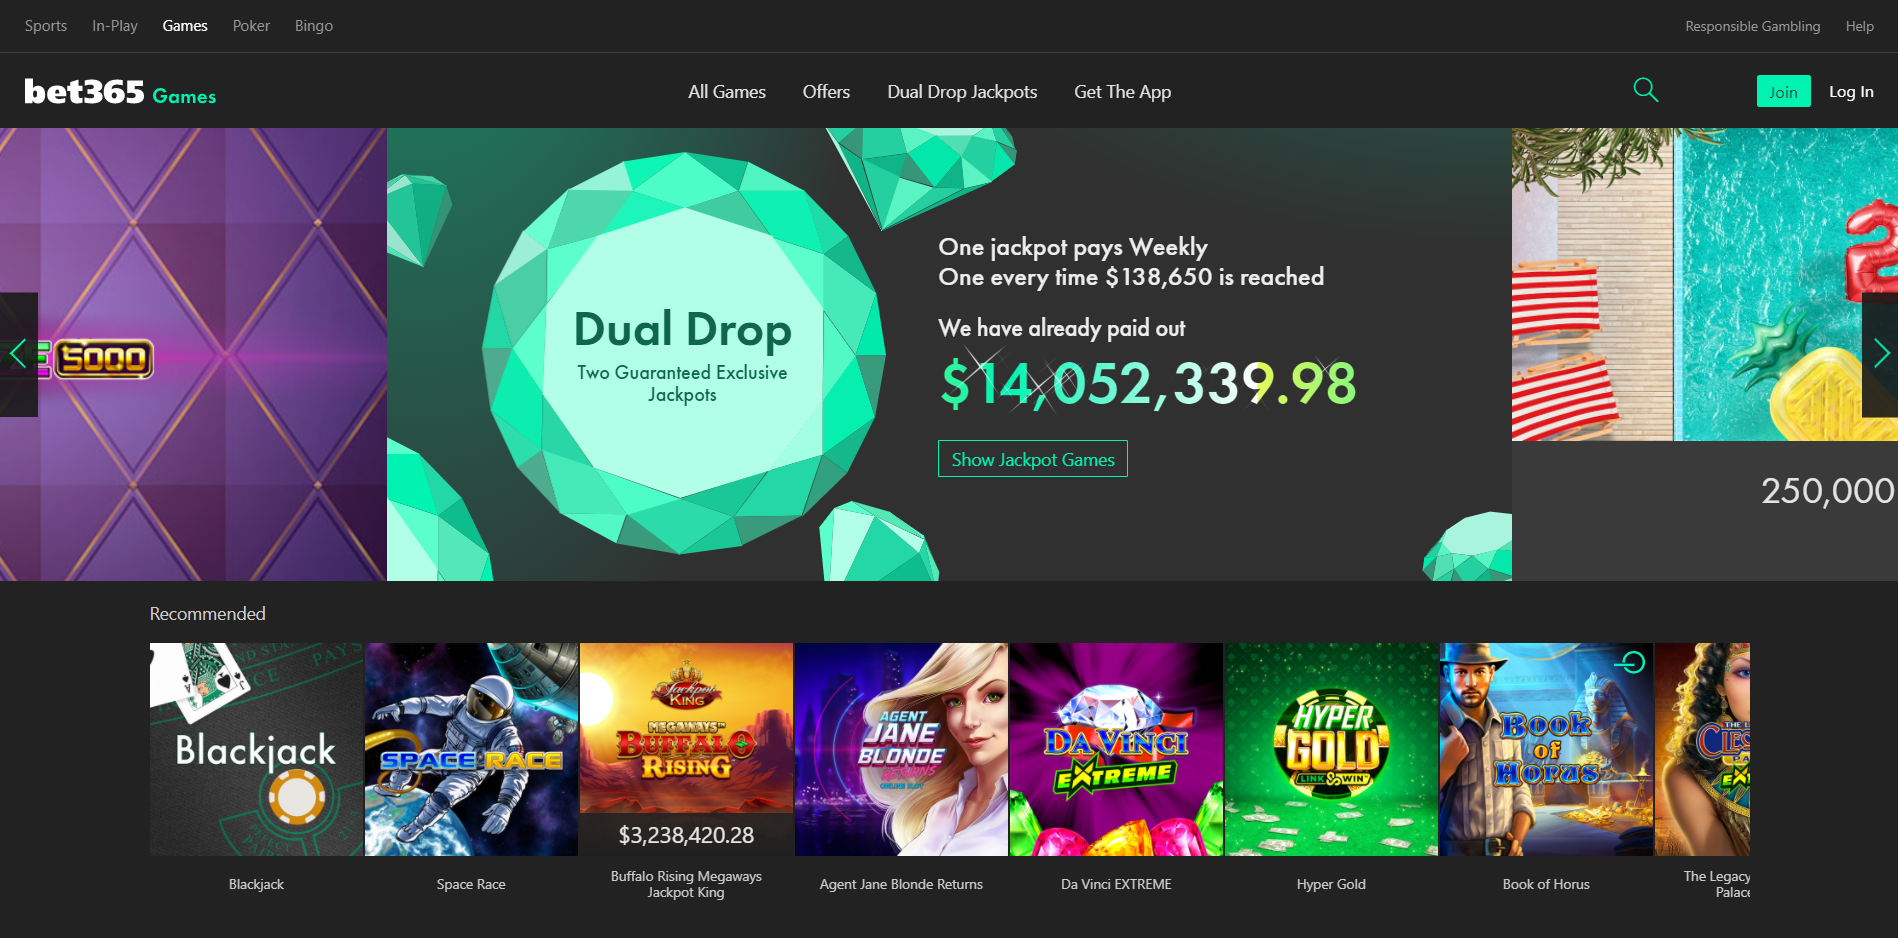 bet365 games desktop